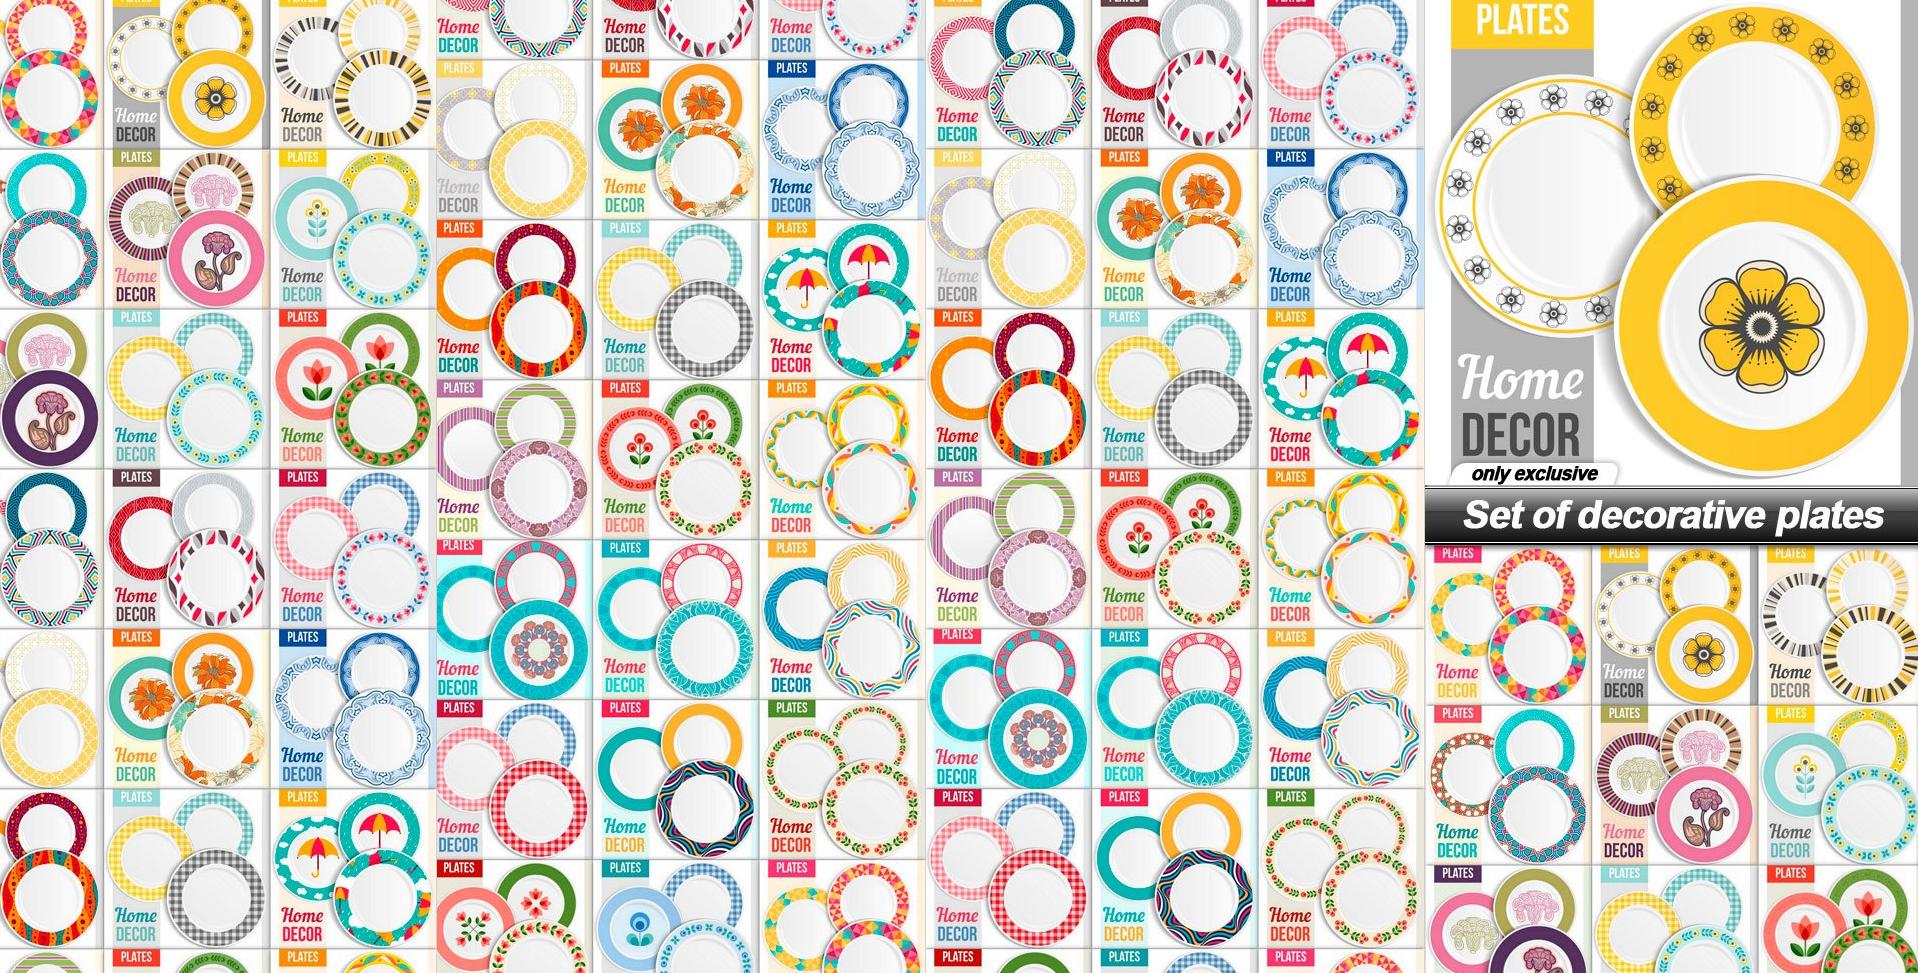 تحميل تصاميم الطباعة على الاطباق الصينى والبلاستيك بصيغة فوتوشوب وفيكتور EPS&PSD